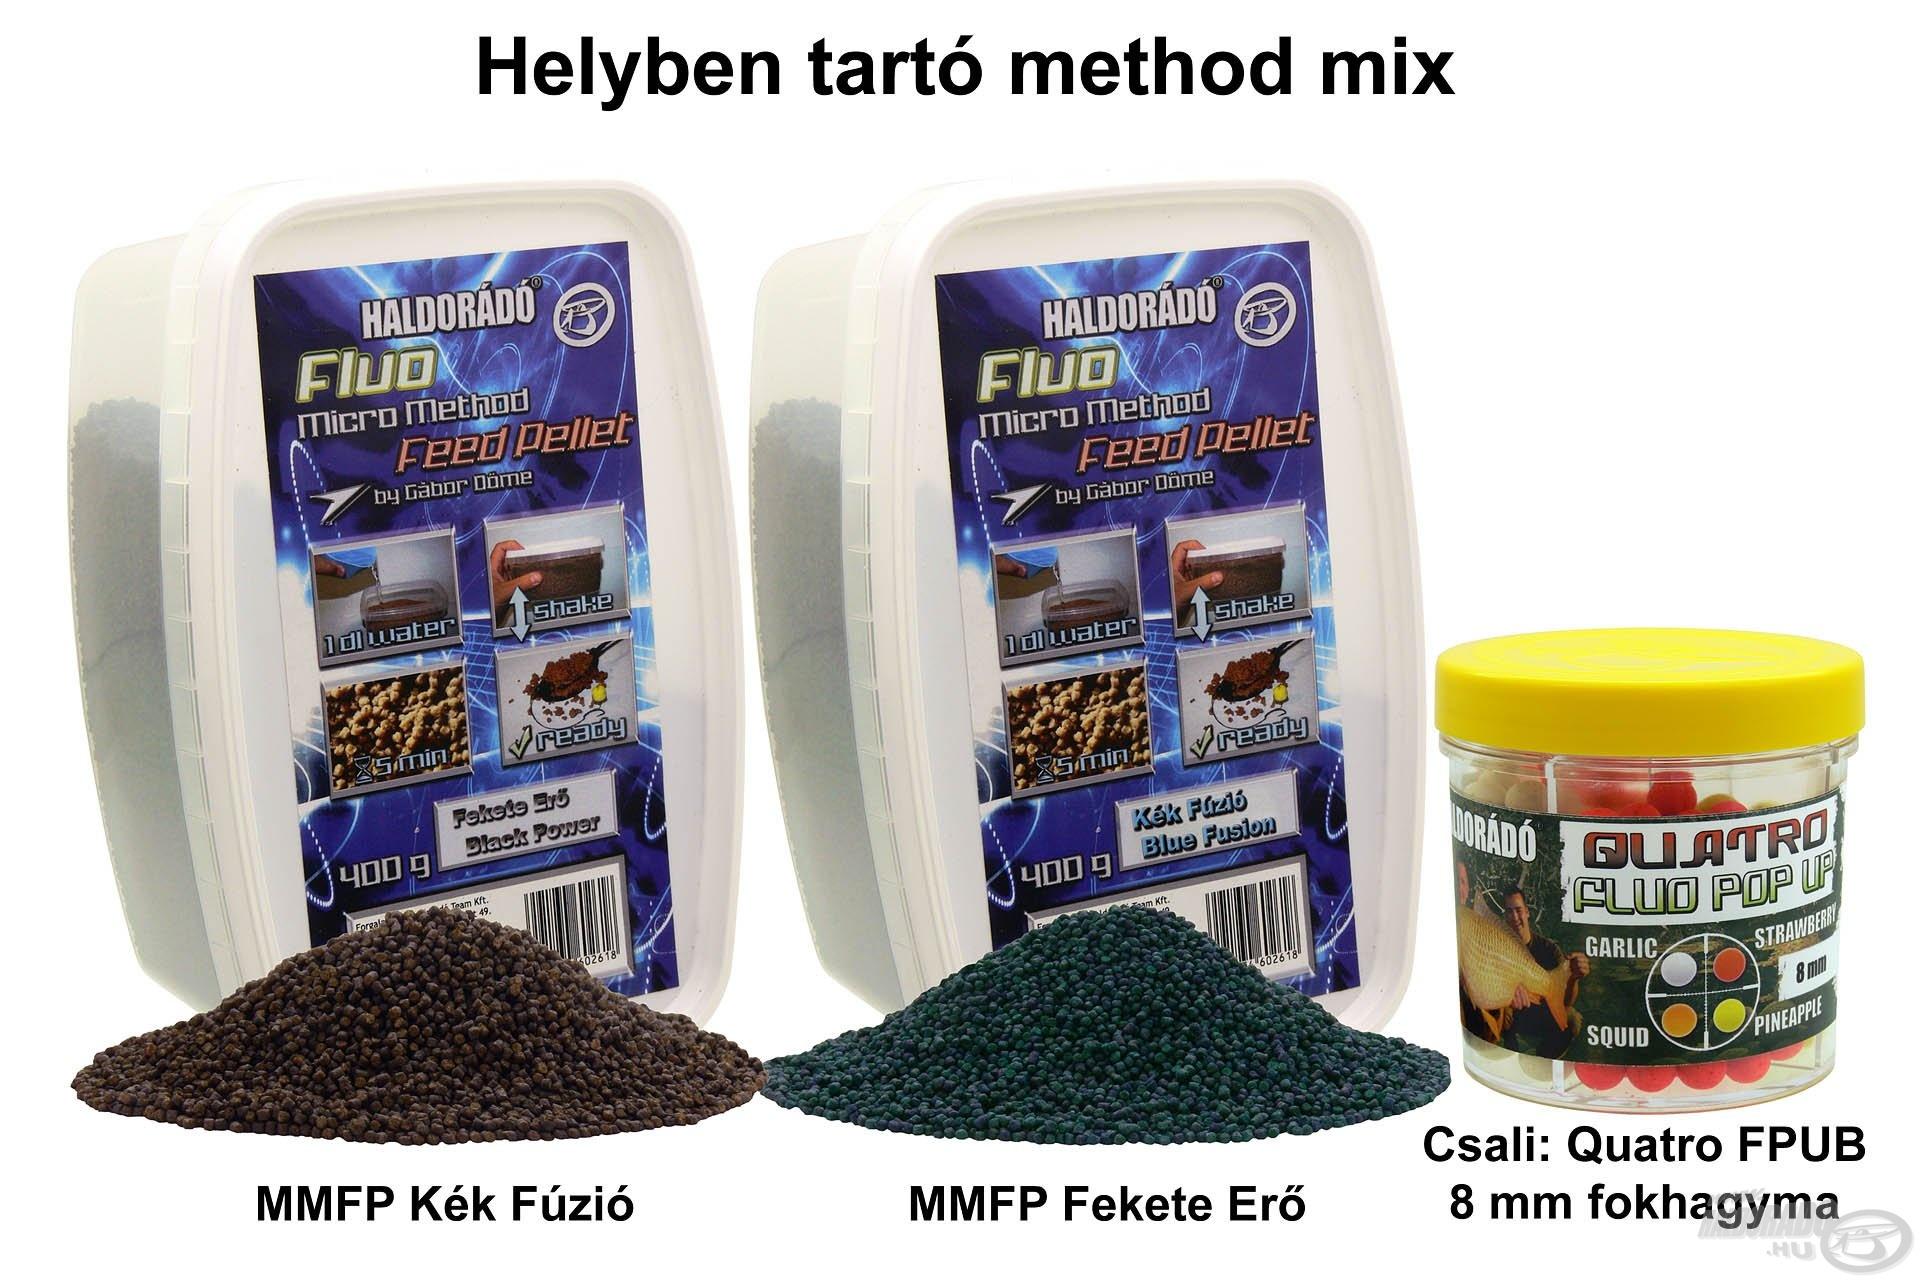 Helyben tartó method mix